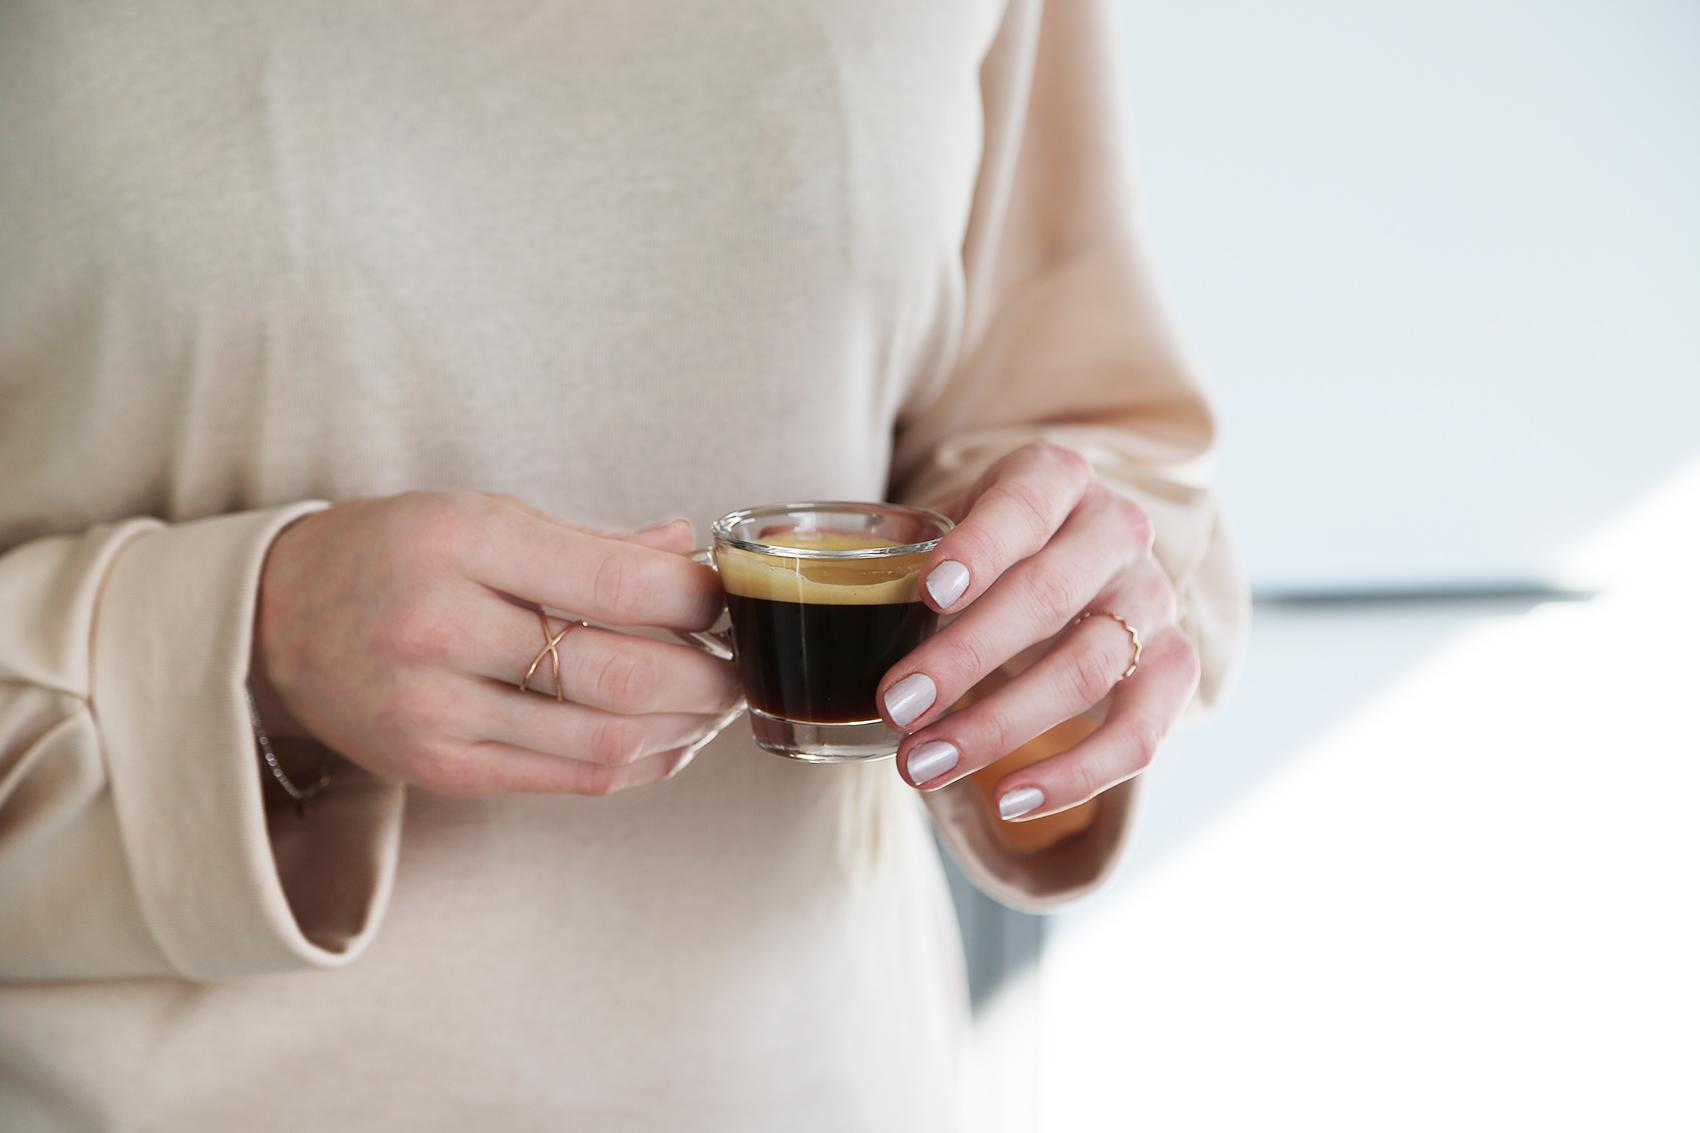 Auswirkungen von Kaffee